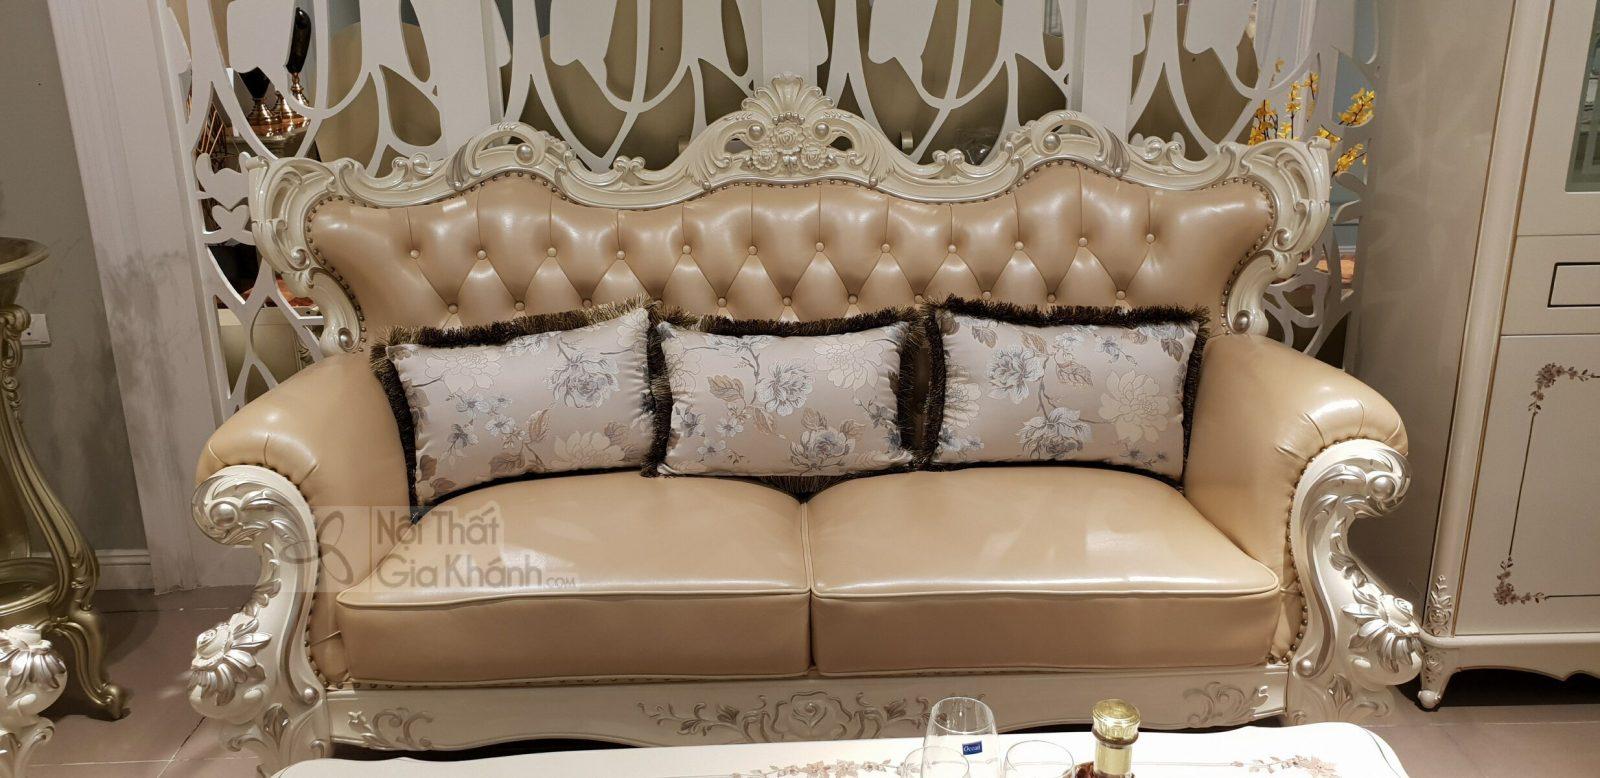 sofa tan co dien H963SF 3 - Sofa (salon) tân cổ điển đẳng cấp hoàng gia H963SF